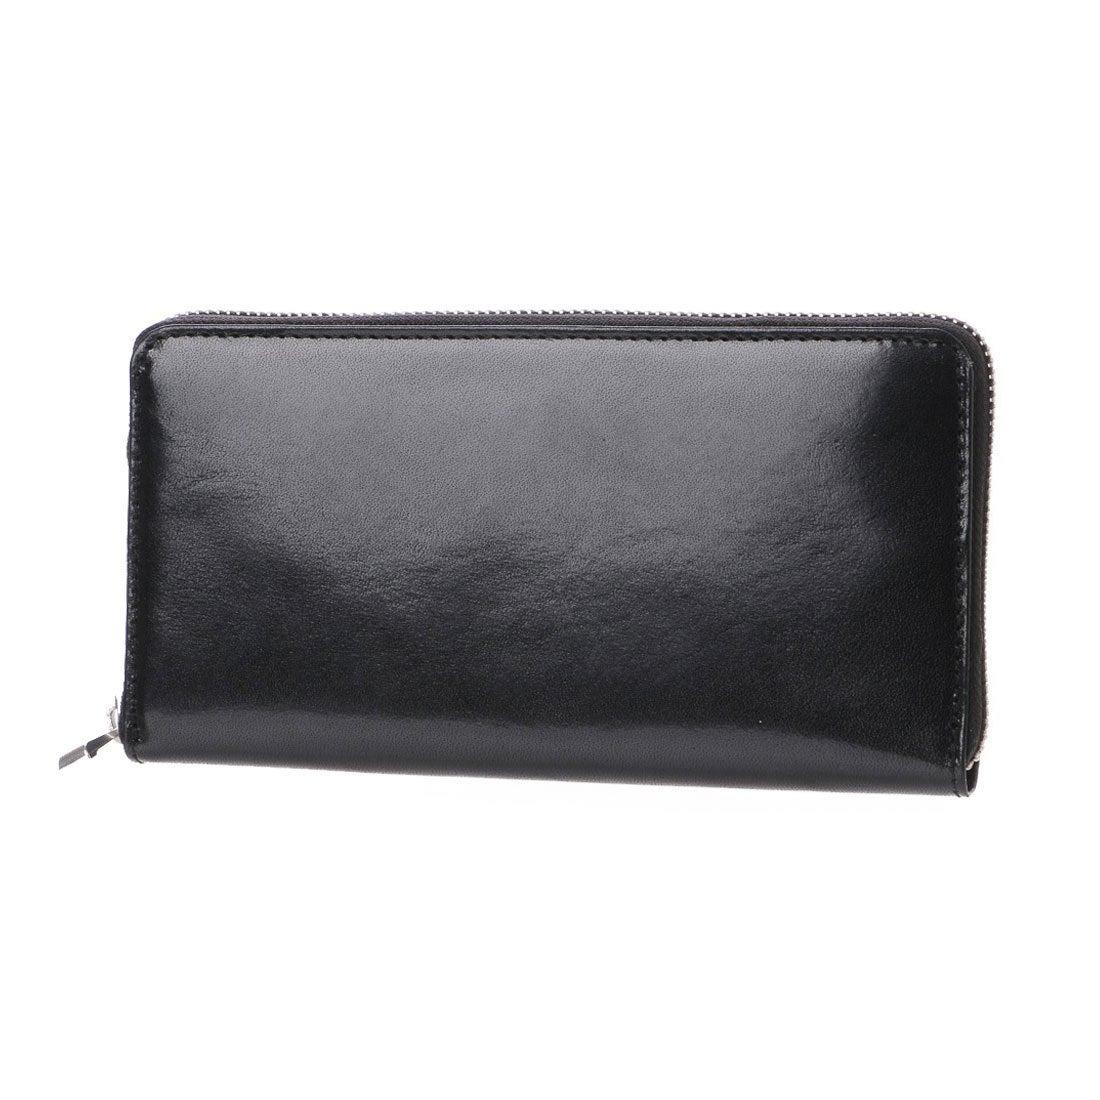 8cb5c88b9cf8 コムサイズム COMME CA ISM MONO 女性にもおすすめの長財布 (ブラック) -靴&ファッション通販 ロコンド〜自宅で試着、気軽に返品